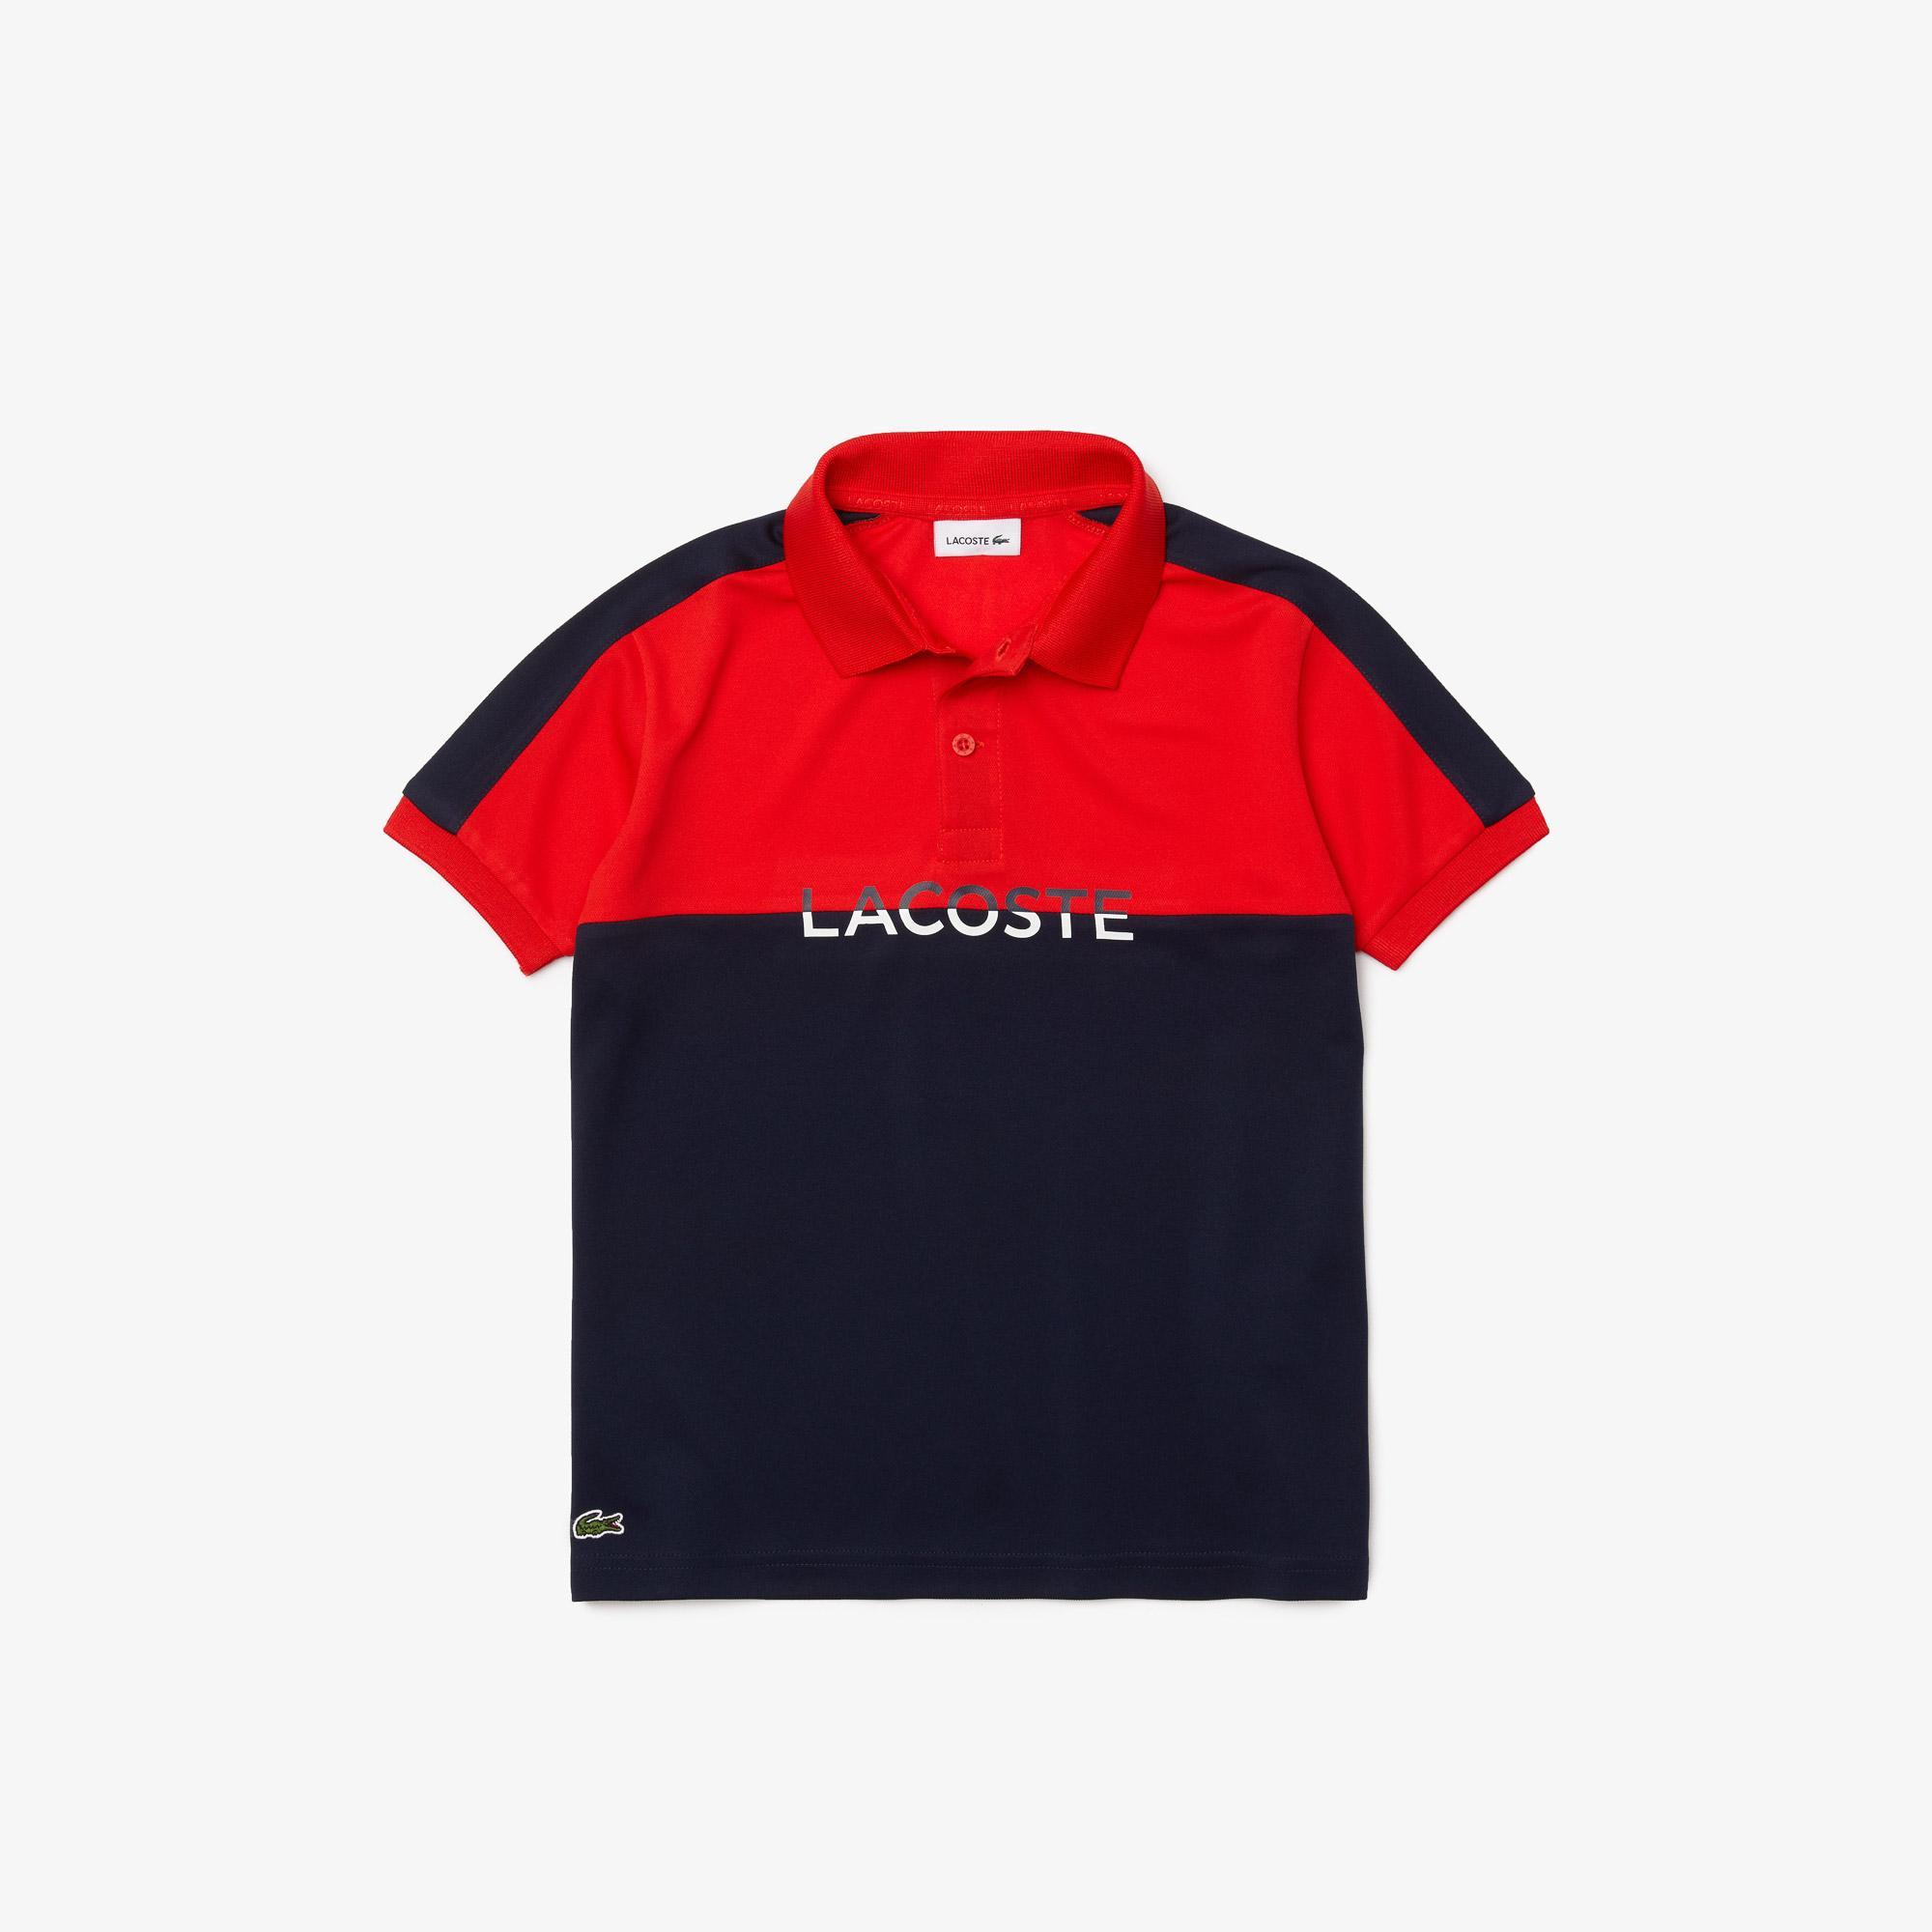 Lacoste Çocuk Renk Bloklu Baskılı Lacivert - Kırmızı Polo